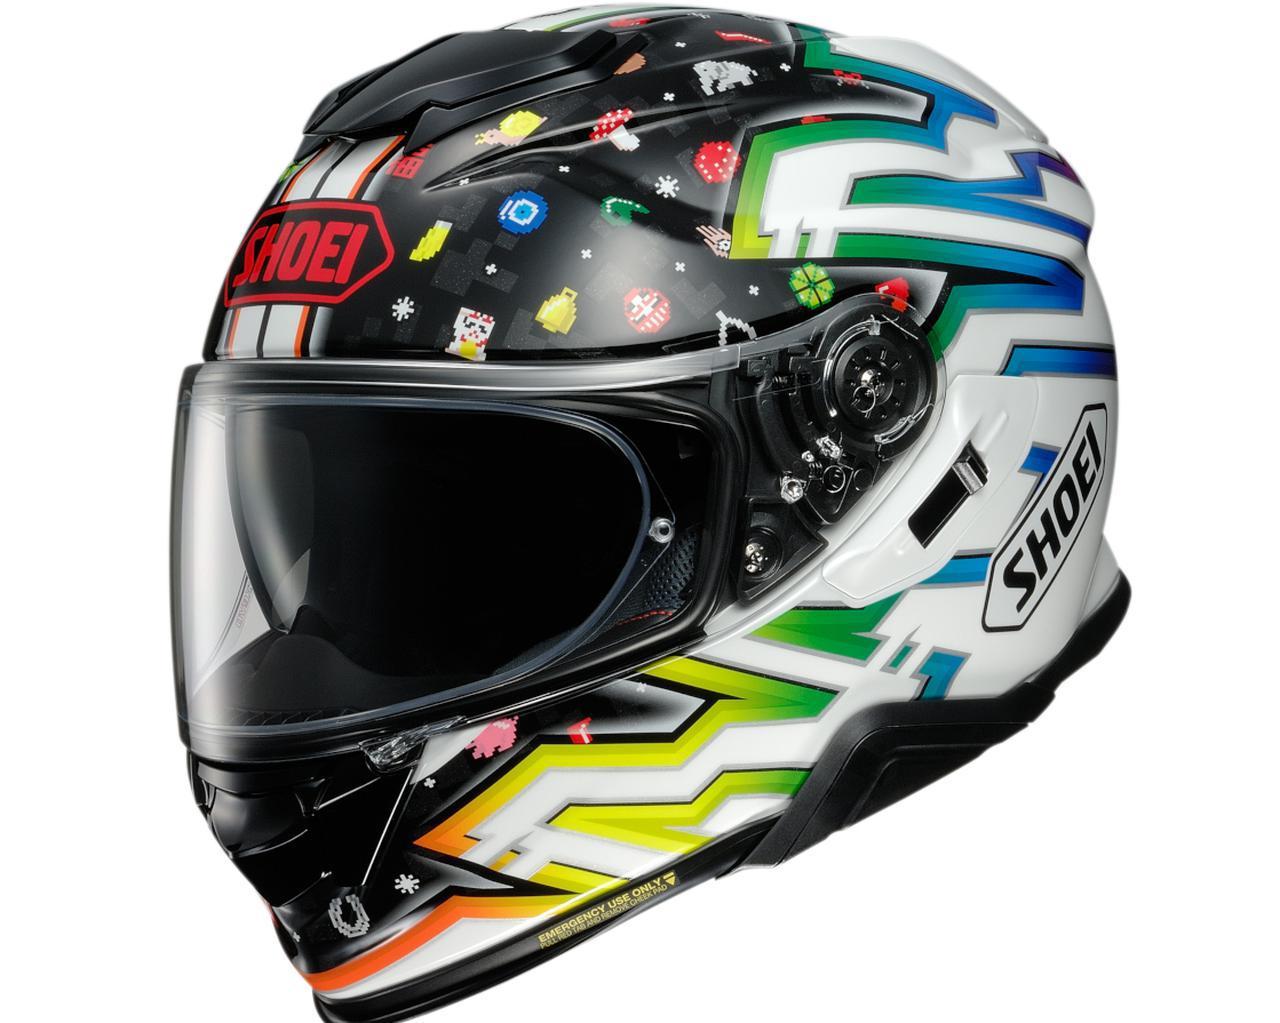 画像1: SHOEIが受注限定モデルのヘルメット「GT-AirII LUCKY CHARMS」を発表! 2021年3月発売予定